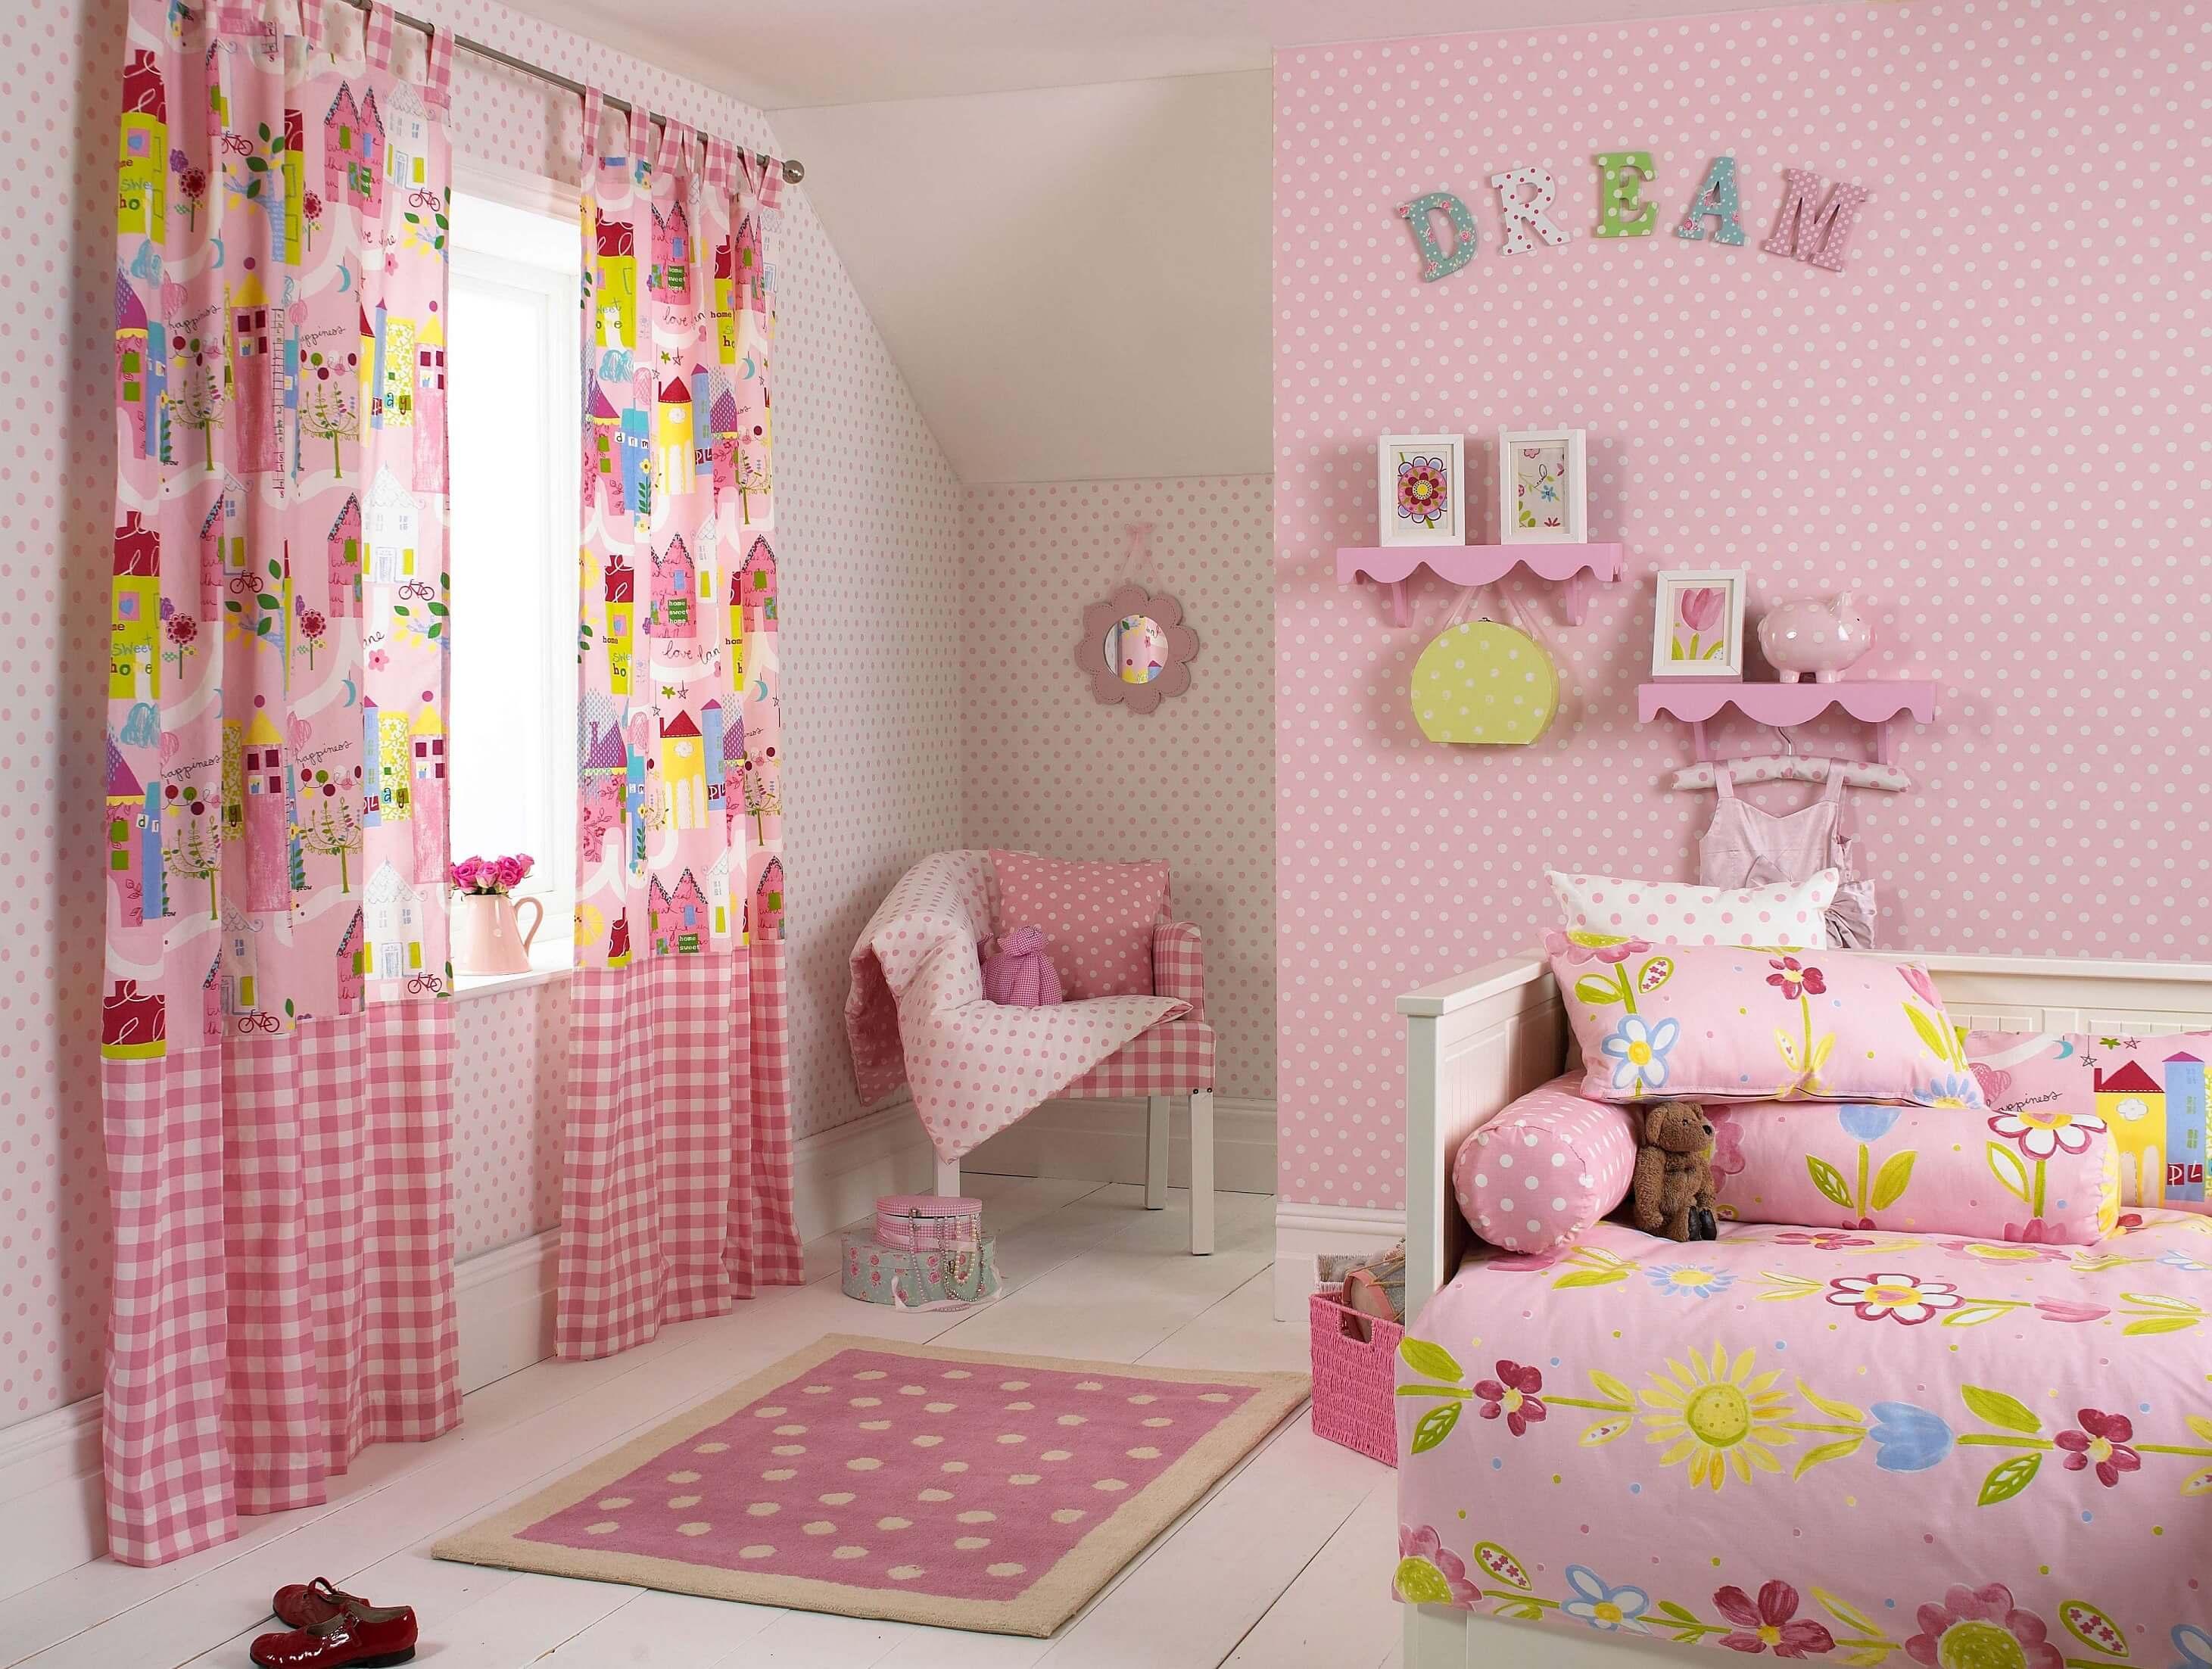 Mooie meisjes slaapkamer inrichten tips inspiratie wiki wonen - Cabine slaapkamer meisje ...